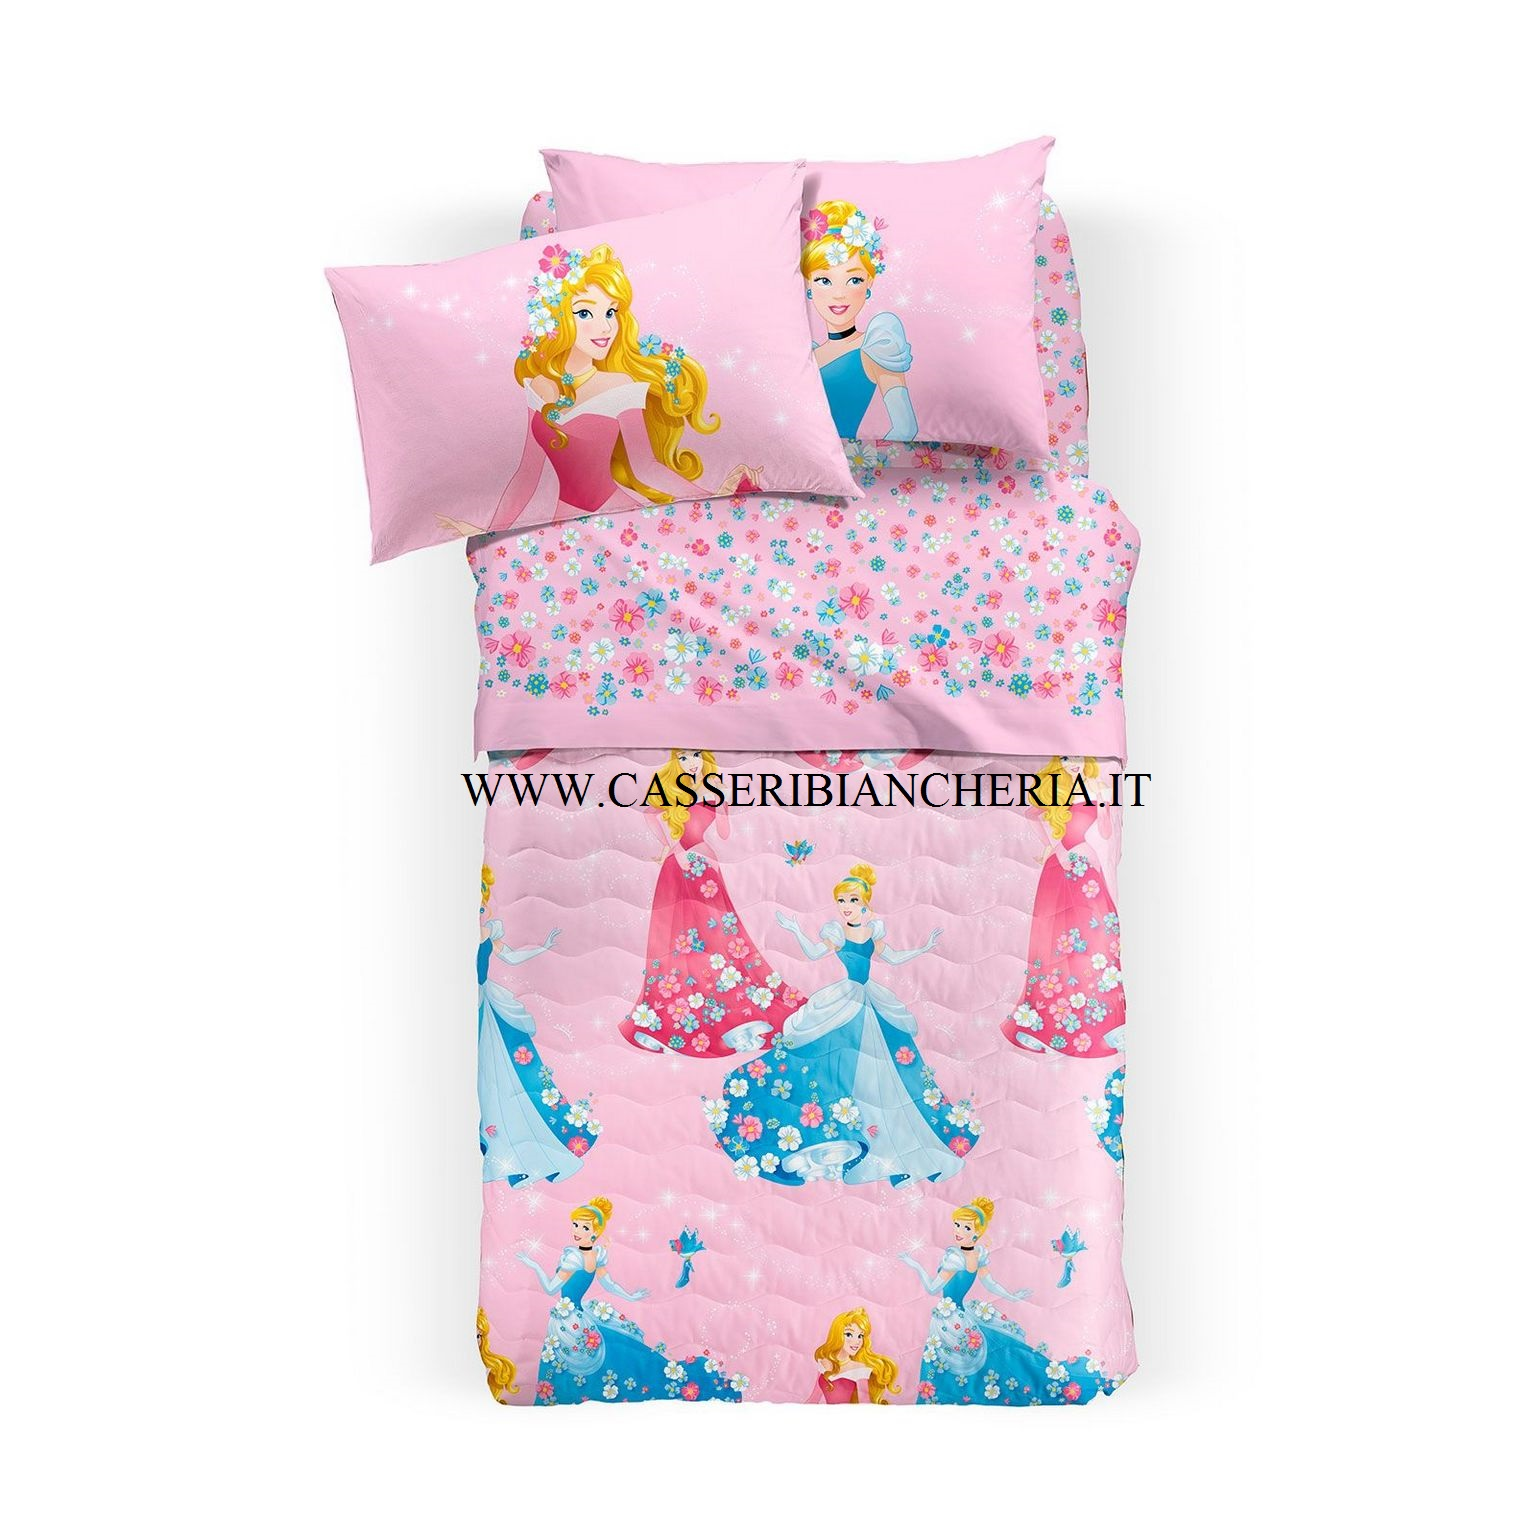 Quilt copriletto princess romantica singolo caleffi - Copriletto singolo bambino ...